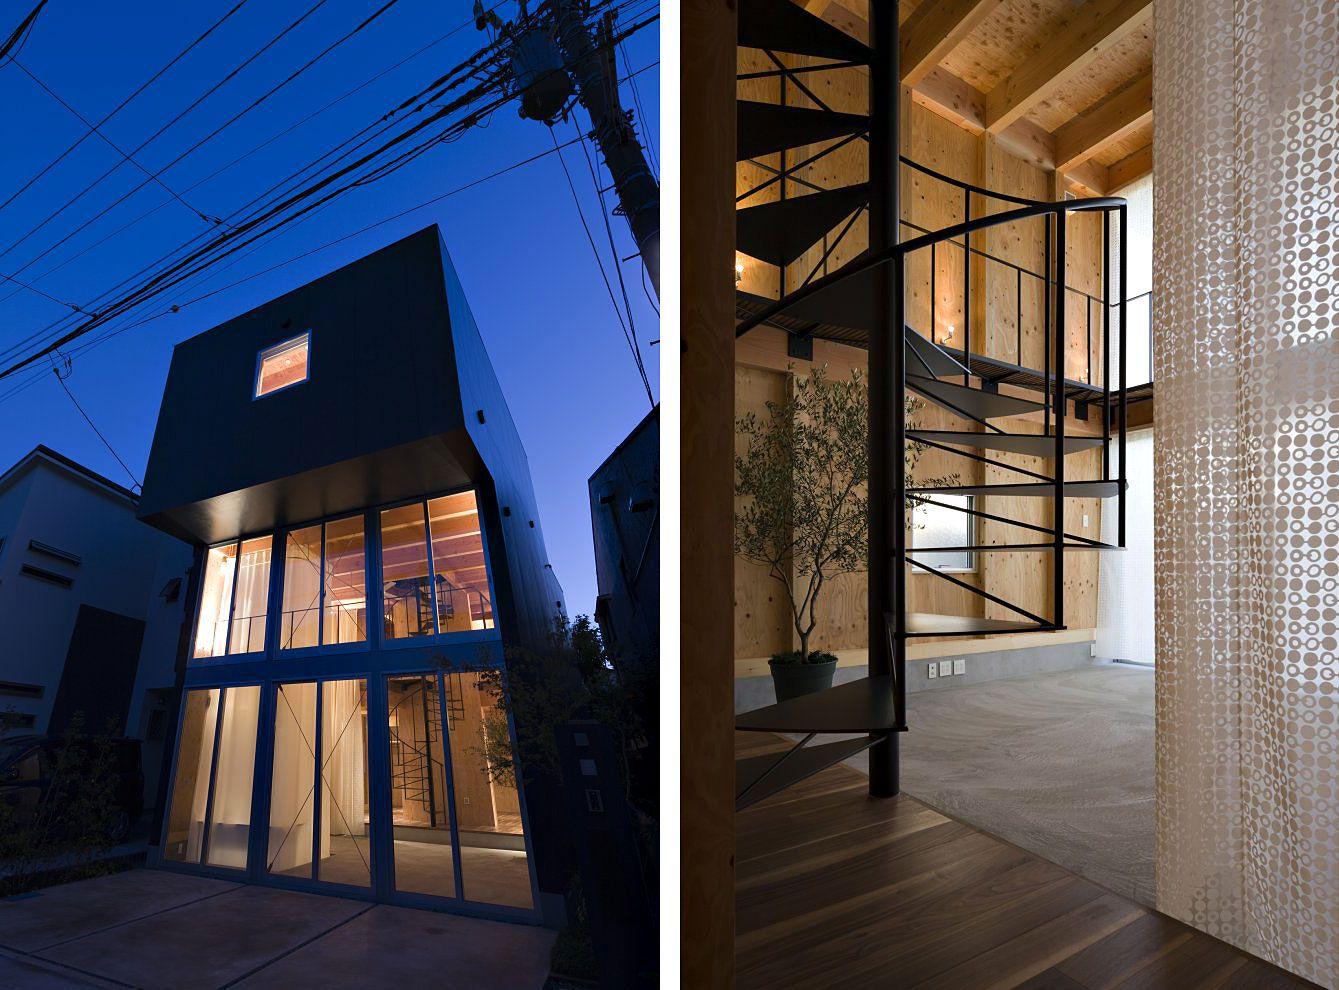 House-in-Waga-Zaimokuza-02